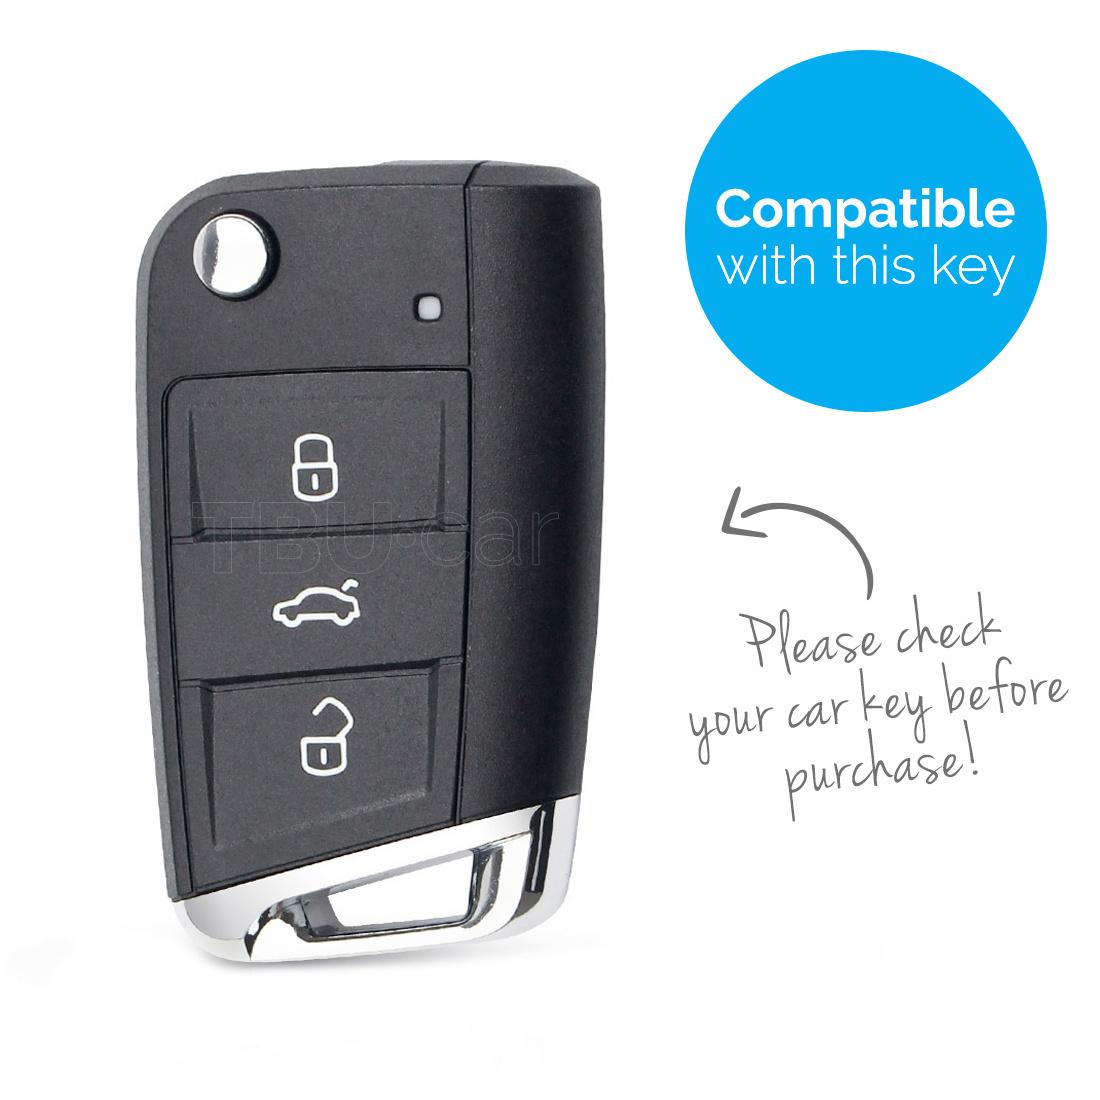 TBU car Autoschlüssel Hülle für Audi 3 Tasten - Schutzhülle aus Silikon - Auto Schlüsselhülle Cover in Schwarz